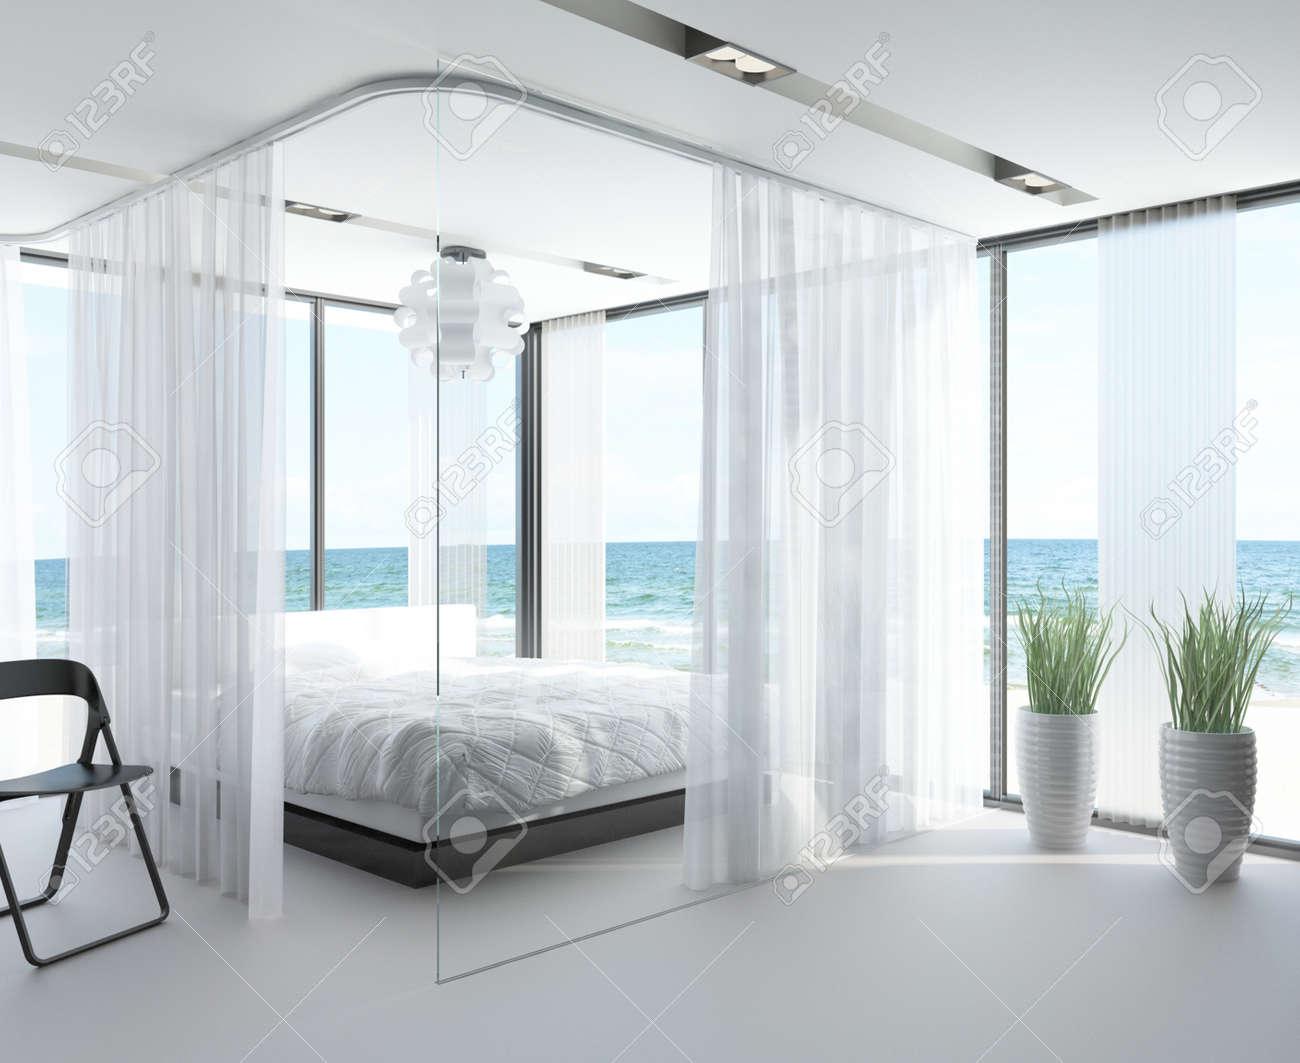 Modern design slaapkamer interieur met zeegezicht weergave royalty ...